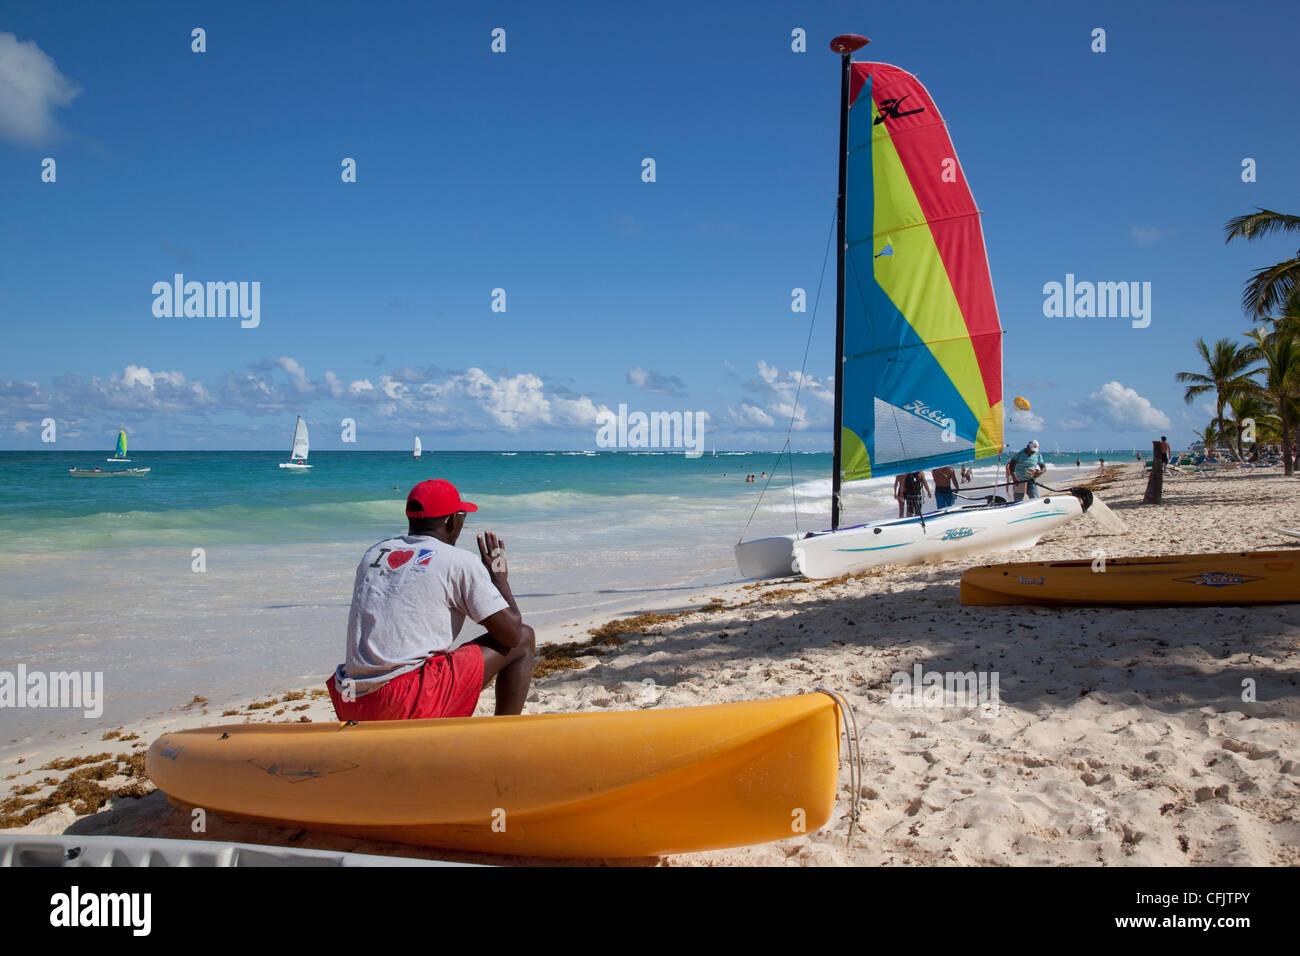 Playa Bávaro, Punta Cana, República Dominicana, Antillas, Caribe, América Central Imagen De Stock